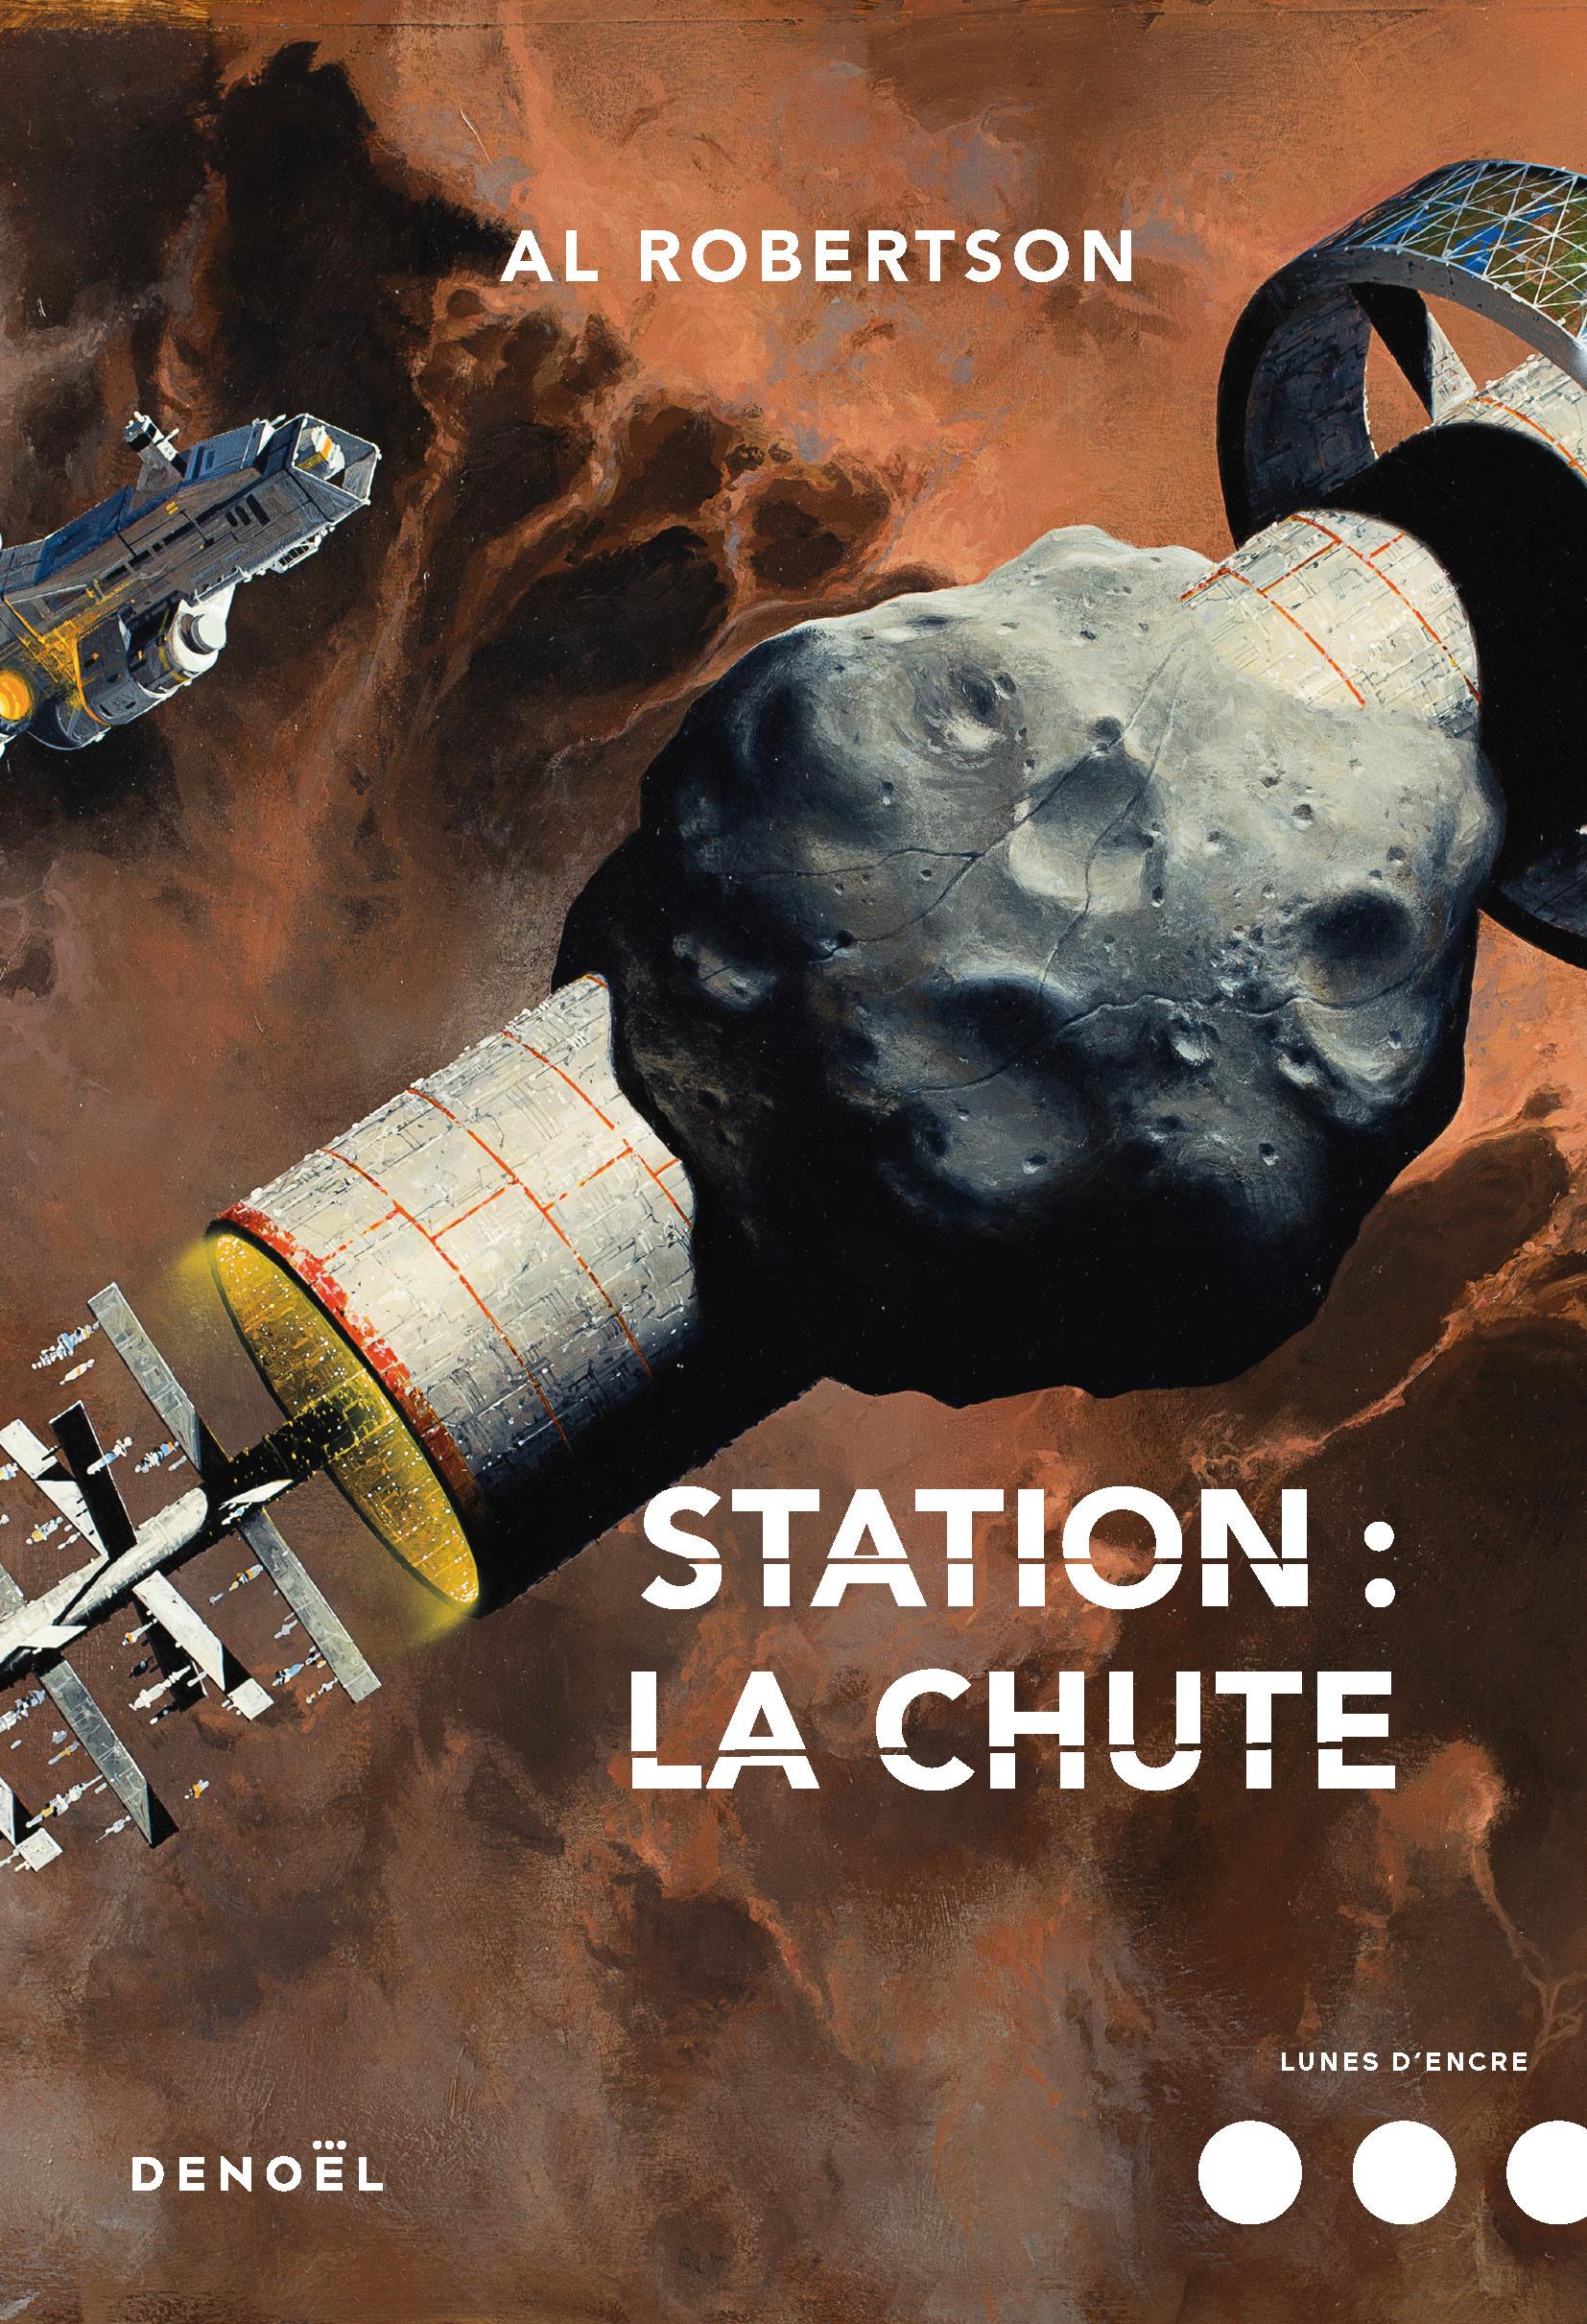 Station : La chute